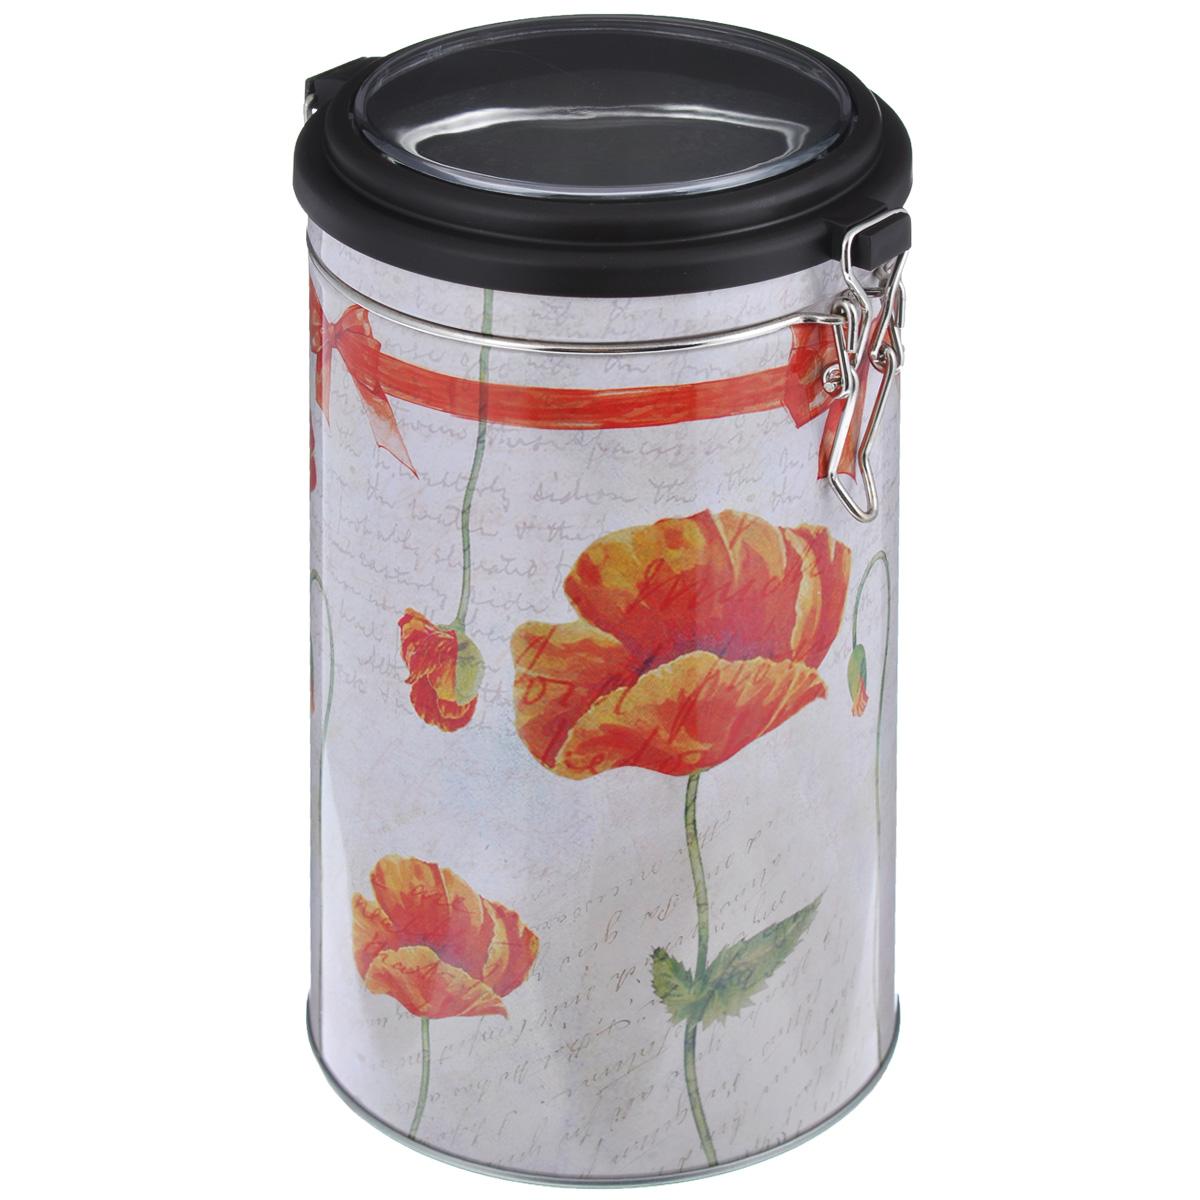 Банка для сыпучих продуктов Феникс-презент Маки, 1,8 л37639Банка для сыпучих продуктов Феникс-презент Маки, изготовленная из окрашенного черного металла, оформлена ярким рисунком. Банка прекрасно подойдет для хранения различных сыпучих продуктов: специй, чая, кофе, сахара, круп и многого другого. Емкость плотно закрывается прозрачной пластиковой крышкой на металлический замок. Благодаря этому она будет дольше сохранять свежесть ваших продуктов. Функциональная и вместительная, такая банка станет незаменимым аксессуаром на любой кухне. Нельзя мыть в посудомоечной машине. Объем банки: 1,8 л. Высота банки (без учета крышки): 17,4 см. Диаметр банки (по верхнему краю): 10,5 см.